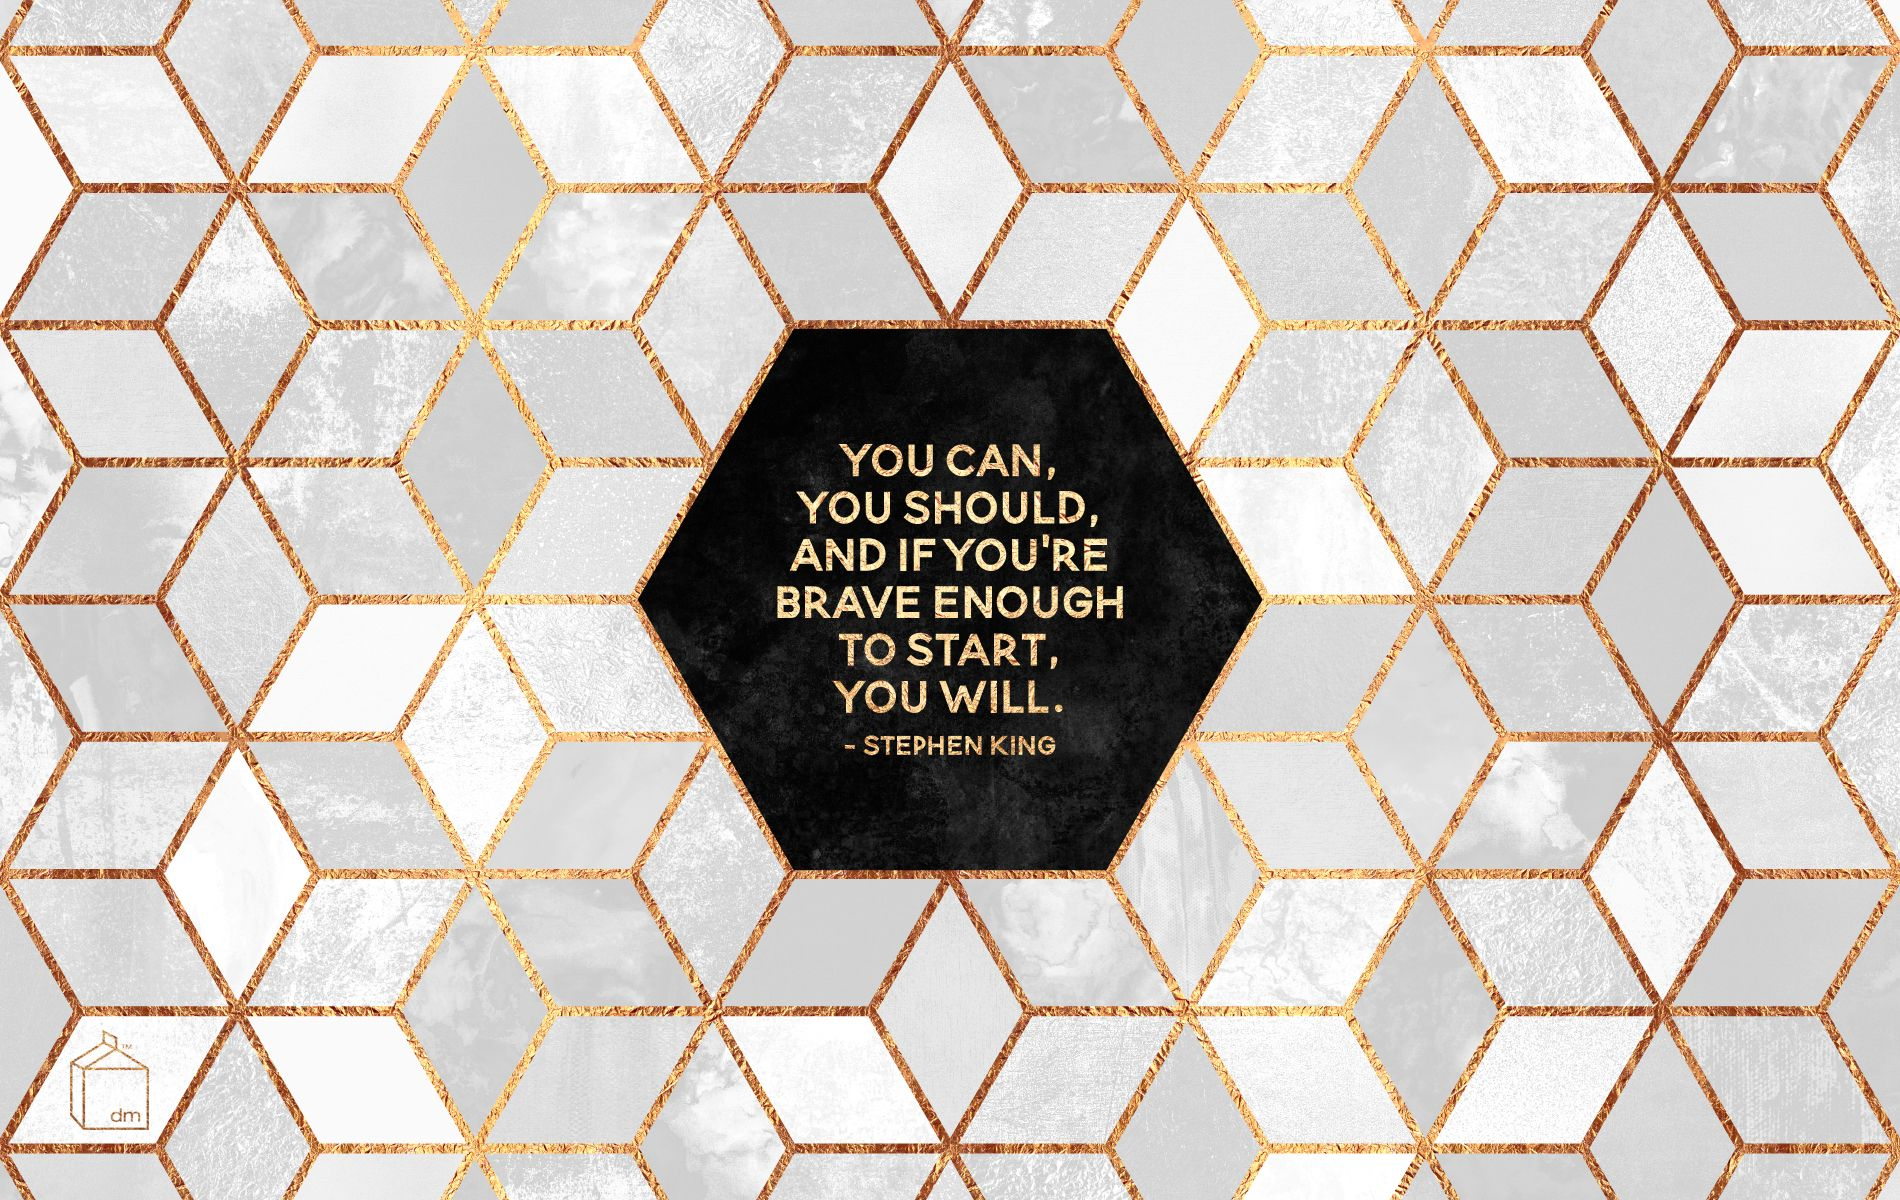 Desktop Wallpaper June 2016 Desktop Wallpaper Quotes Desktop Wallpaper Macbook Desktop Wallpaper